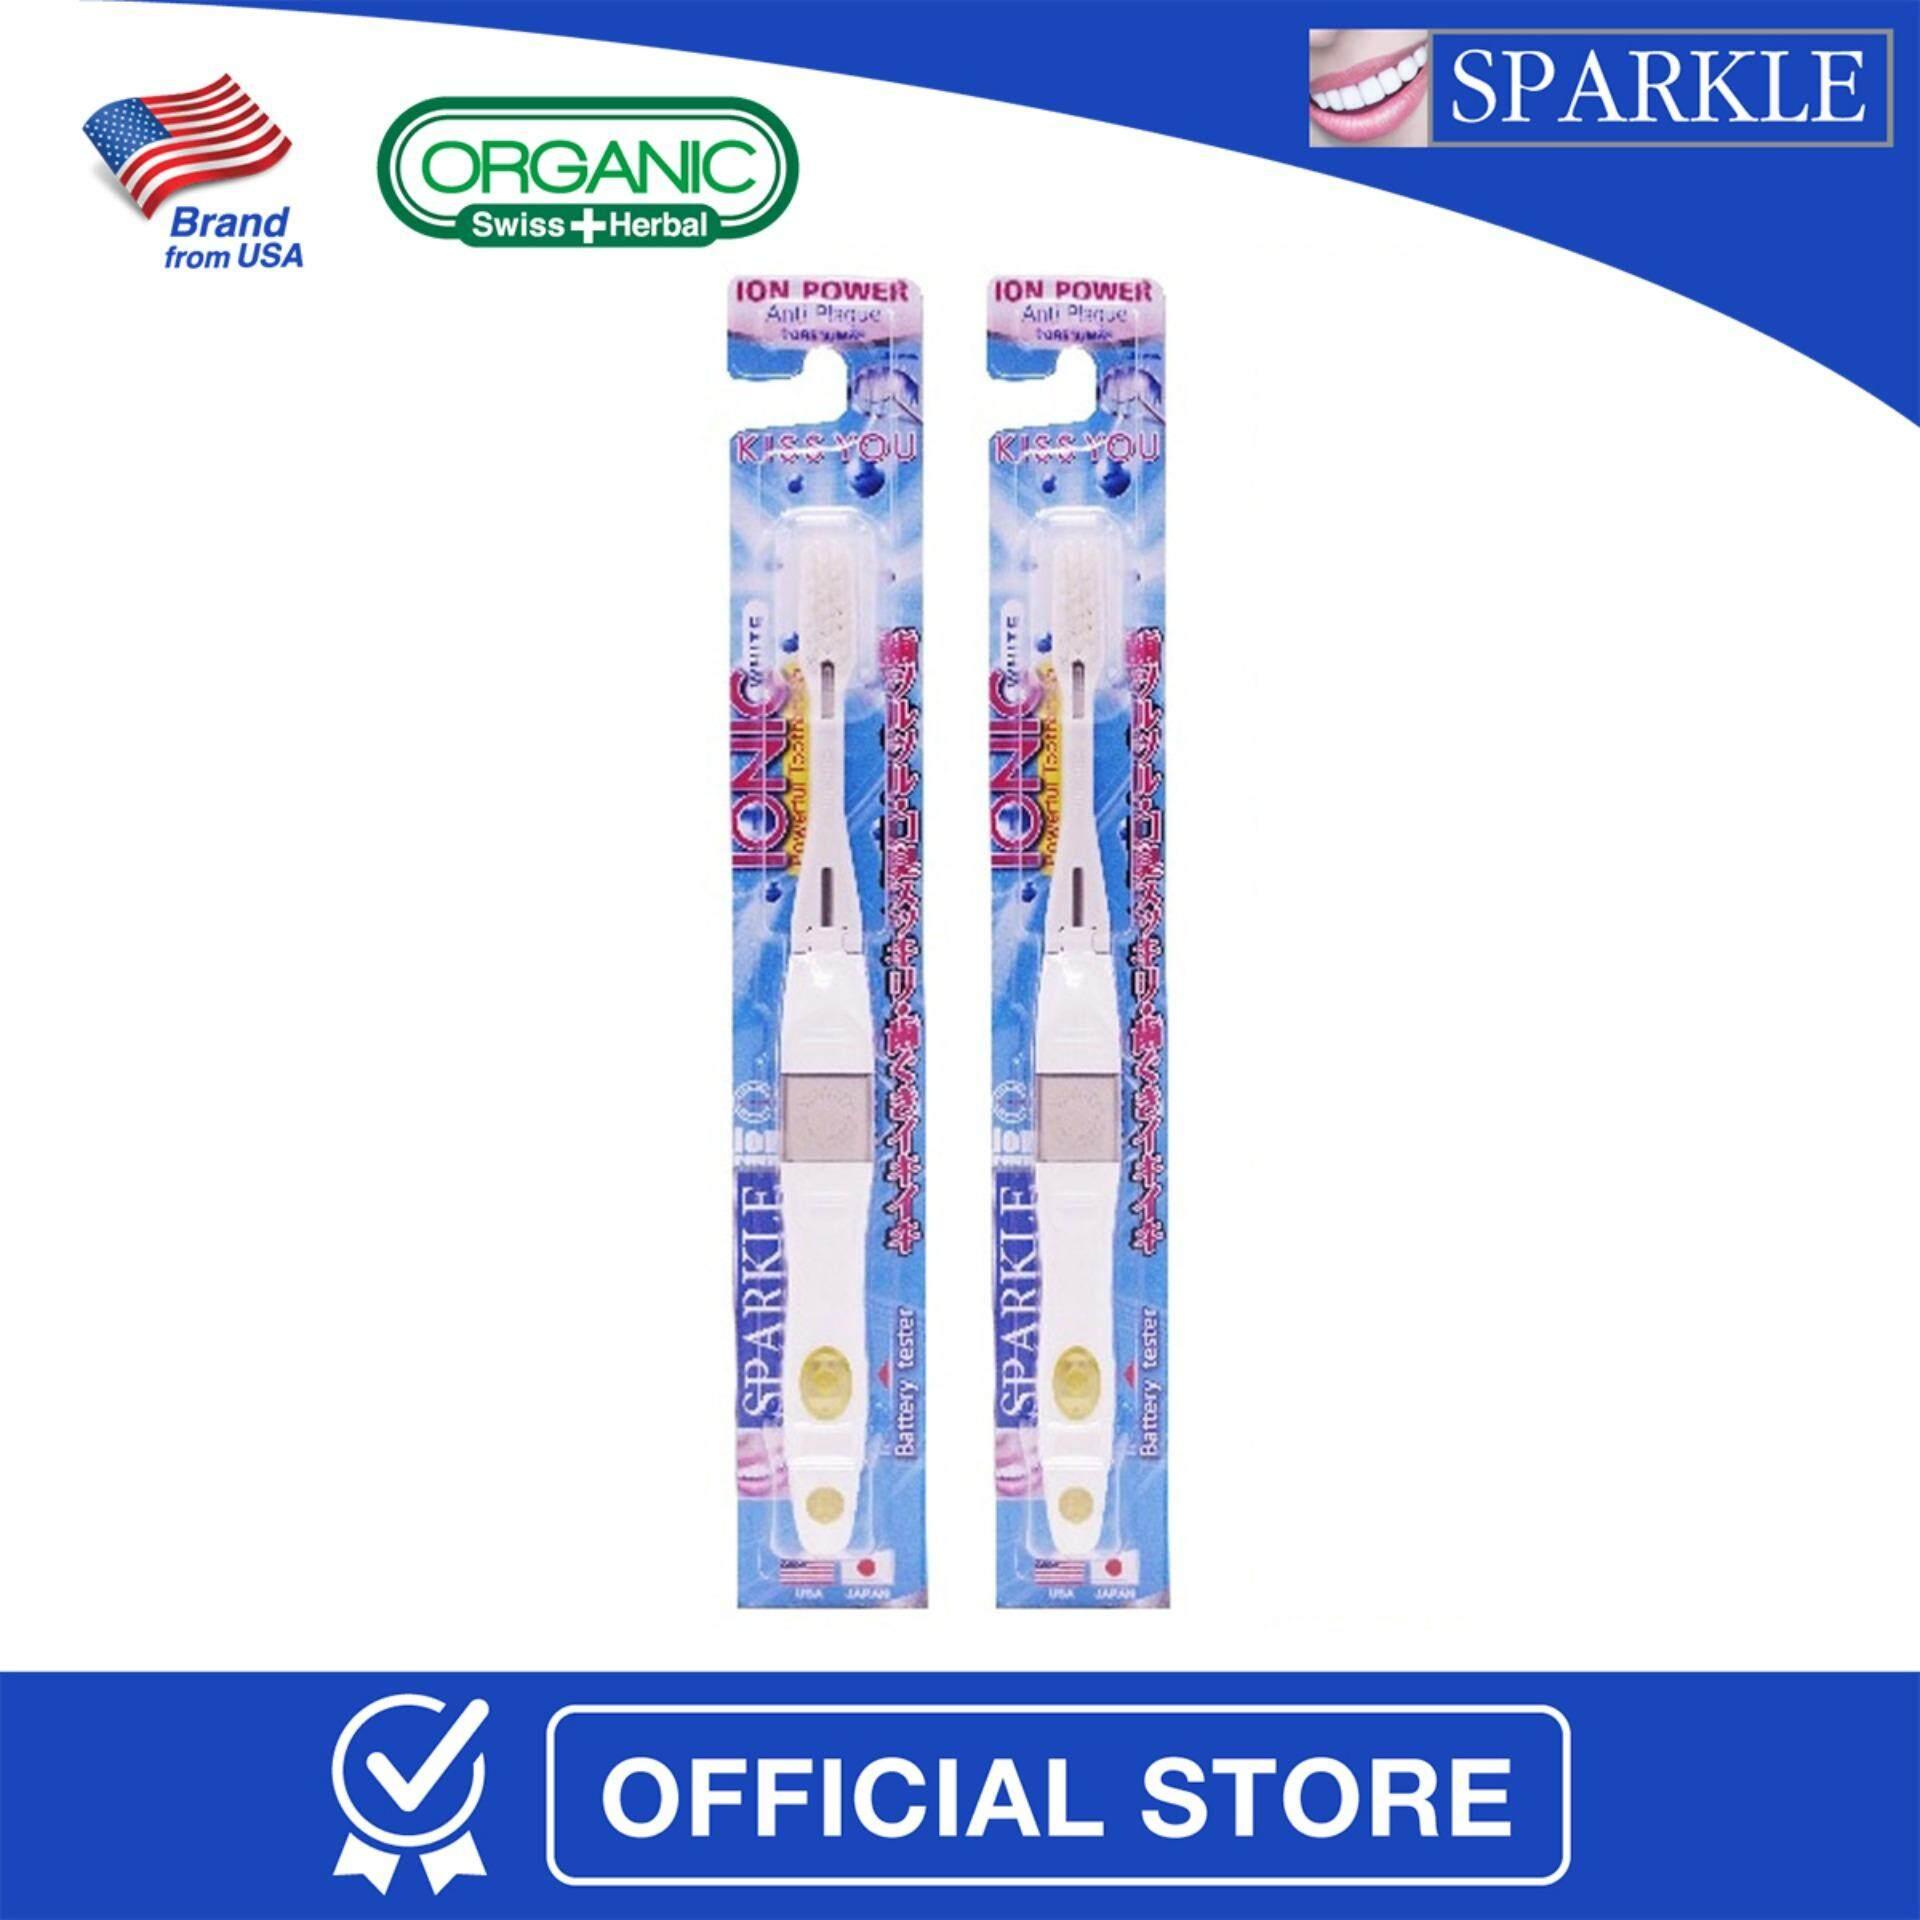 ขาย ซื้อ ออนไลน์ แพ็กคู่ Sparkle Ionic Toothbrush แปรงสีฟัน พลังไอโอนิค สีขาว Sk0313